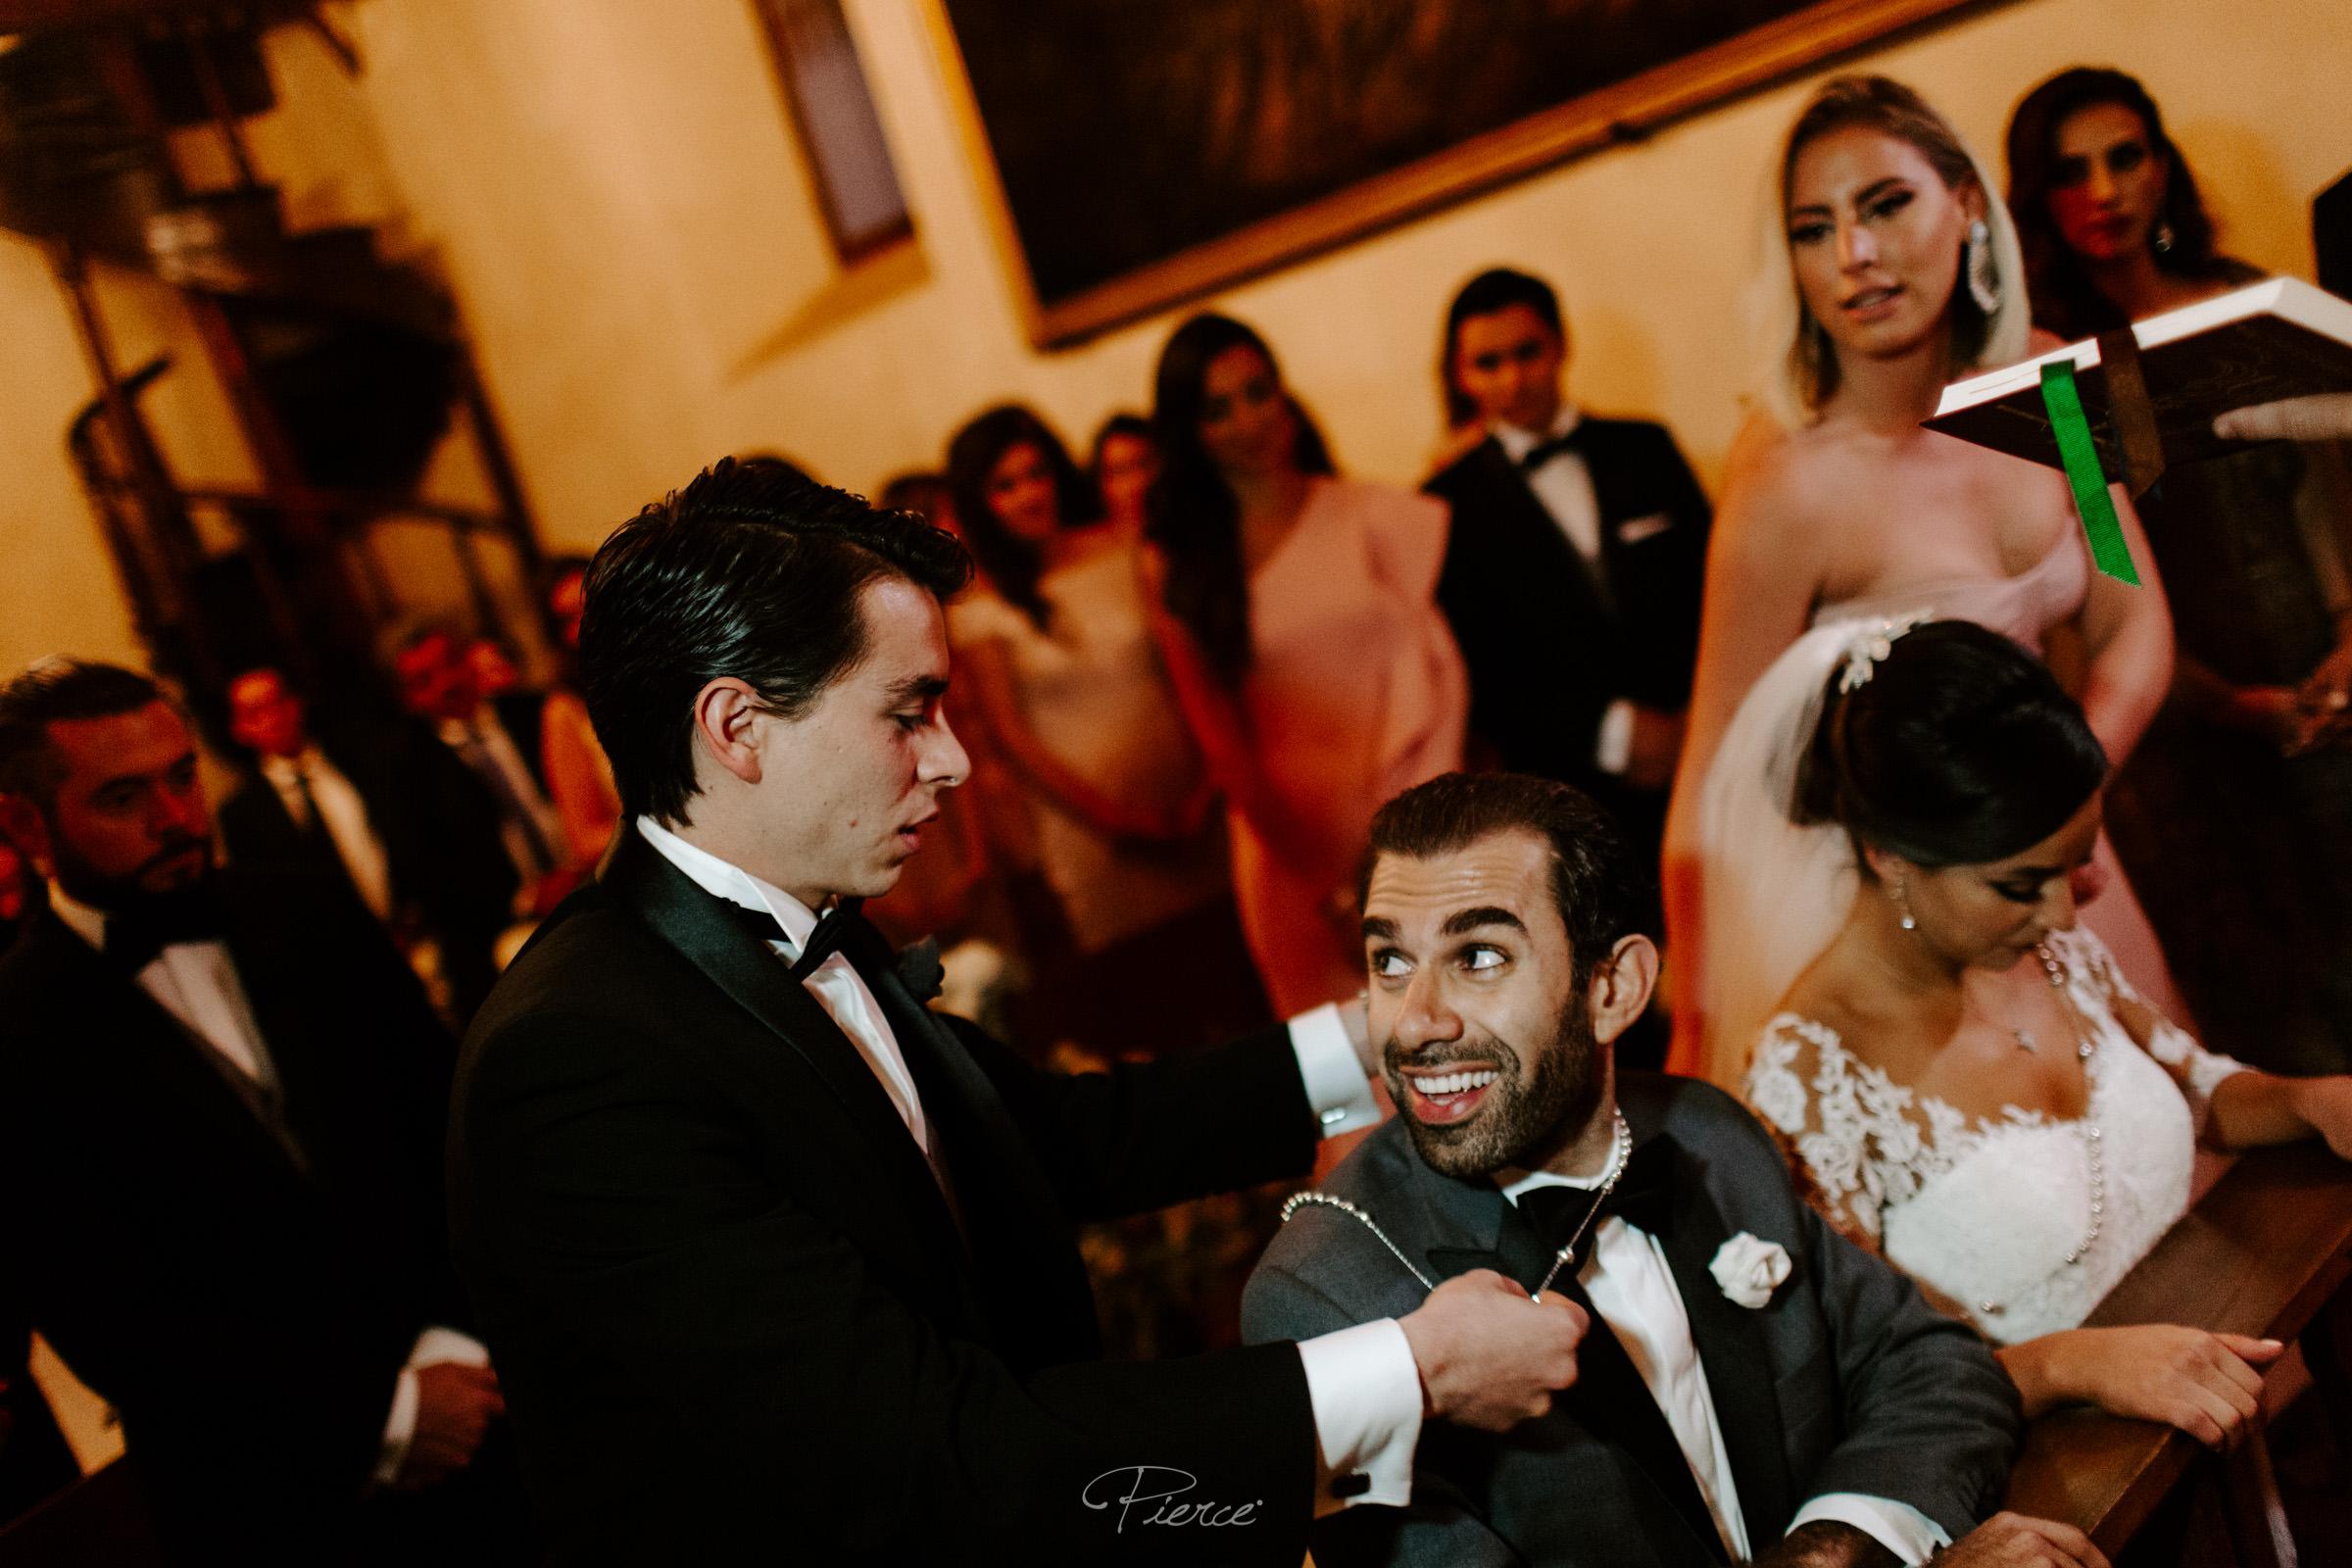 fotografia-de-boda-valle-de-bravo-mexico-rosmarino-pierce-weddings-0096.JPG